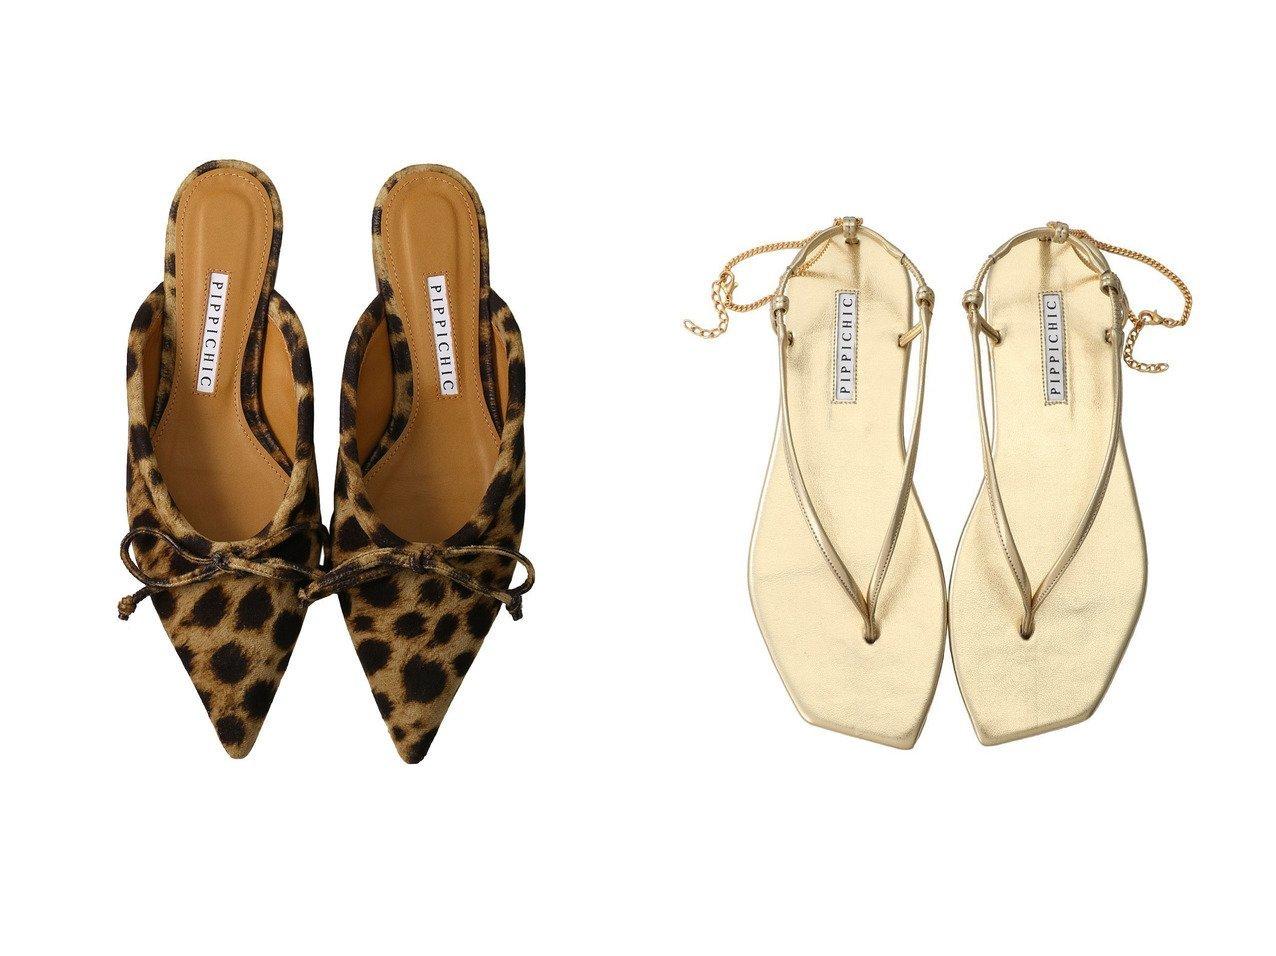 【Pippichic/ピッピシック】のアンクレット付きトングフラットサンダル&REMY レオパードフラットミュール シューズ・靴のおすすめ!人気トレンド・レディースファッションの通販 おすすめで人気のファッション通販商品 インテリア・家具・キッズファッション・メンズファッション・レディースファッション・服の通販 founy(ファニー) https://founy.com/ ファッション Fashion レディースファッション WOMEN シューズ フラット レオパード サンダル ラップ リゾート |ID:crp329100000007767